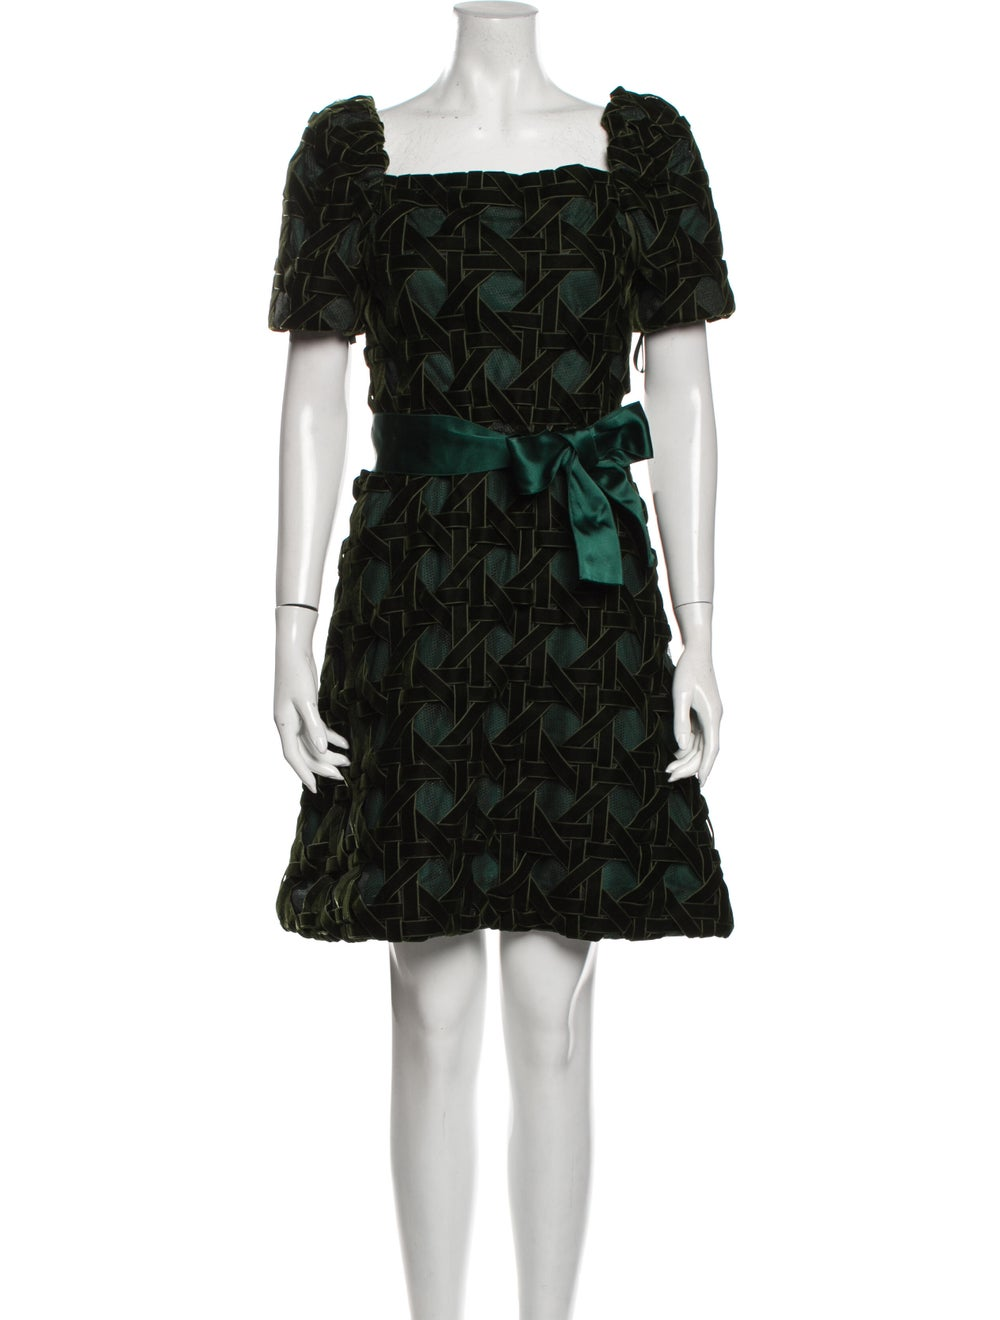 Arnold Scaasi Printed Mini Dress Green - image 1